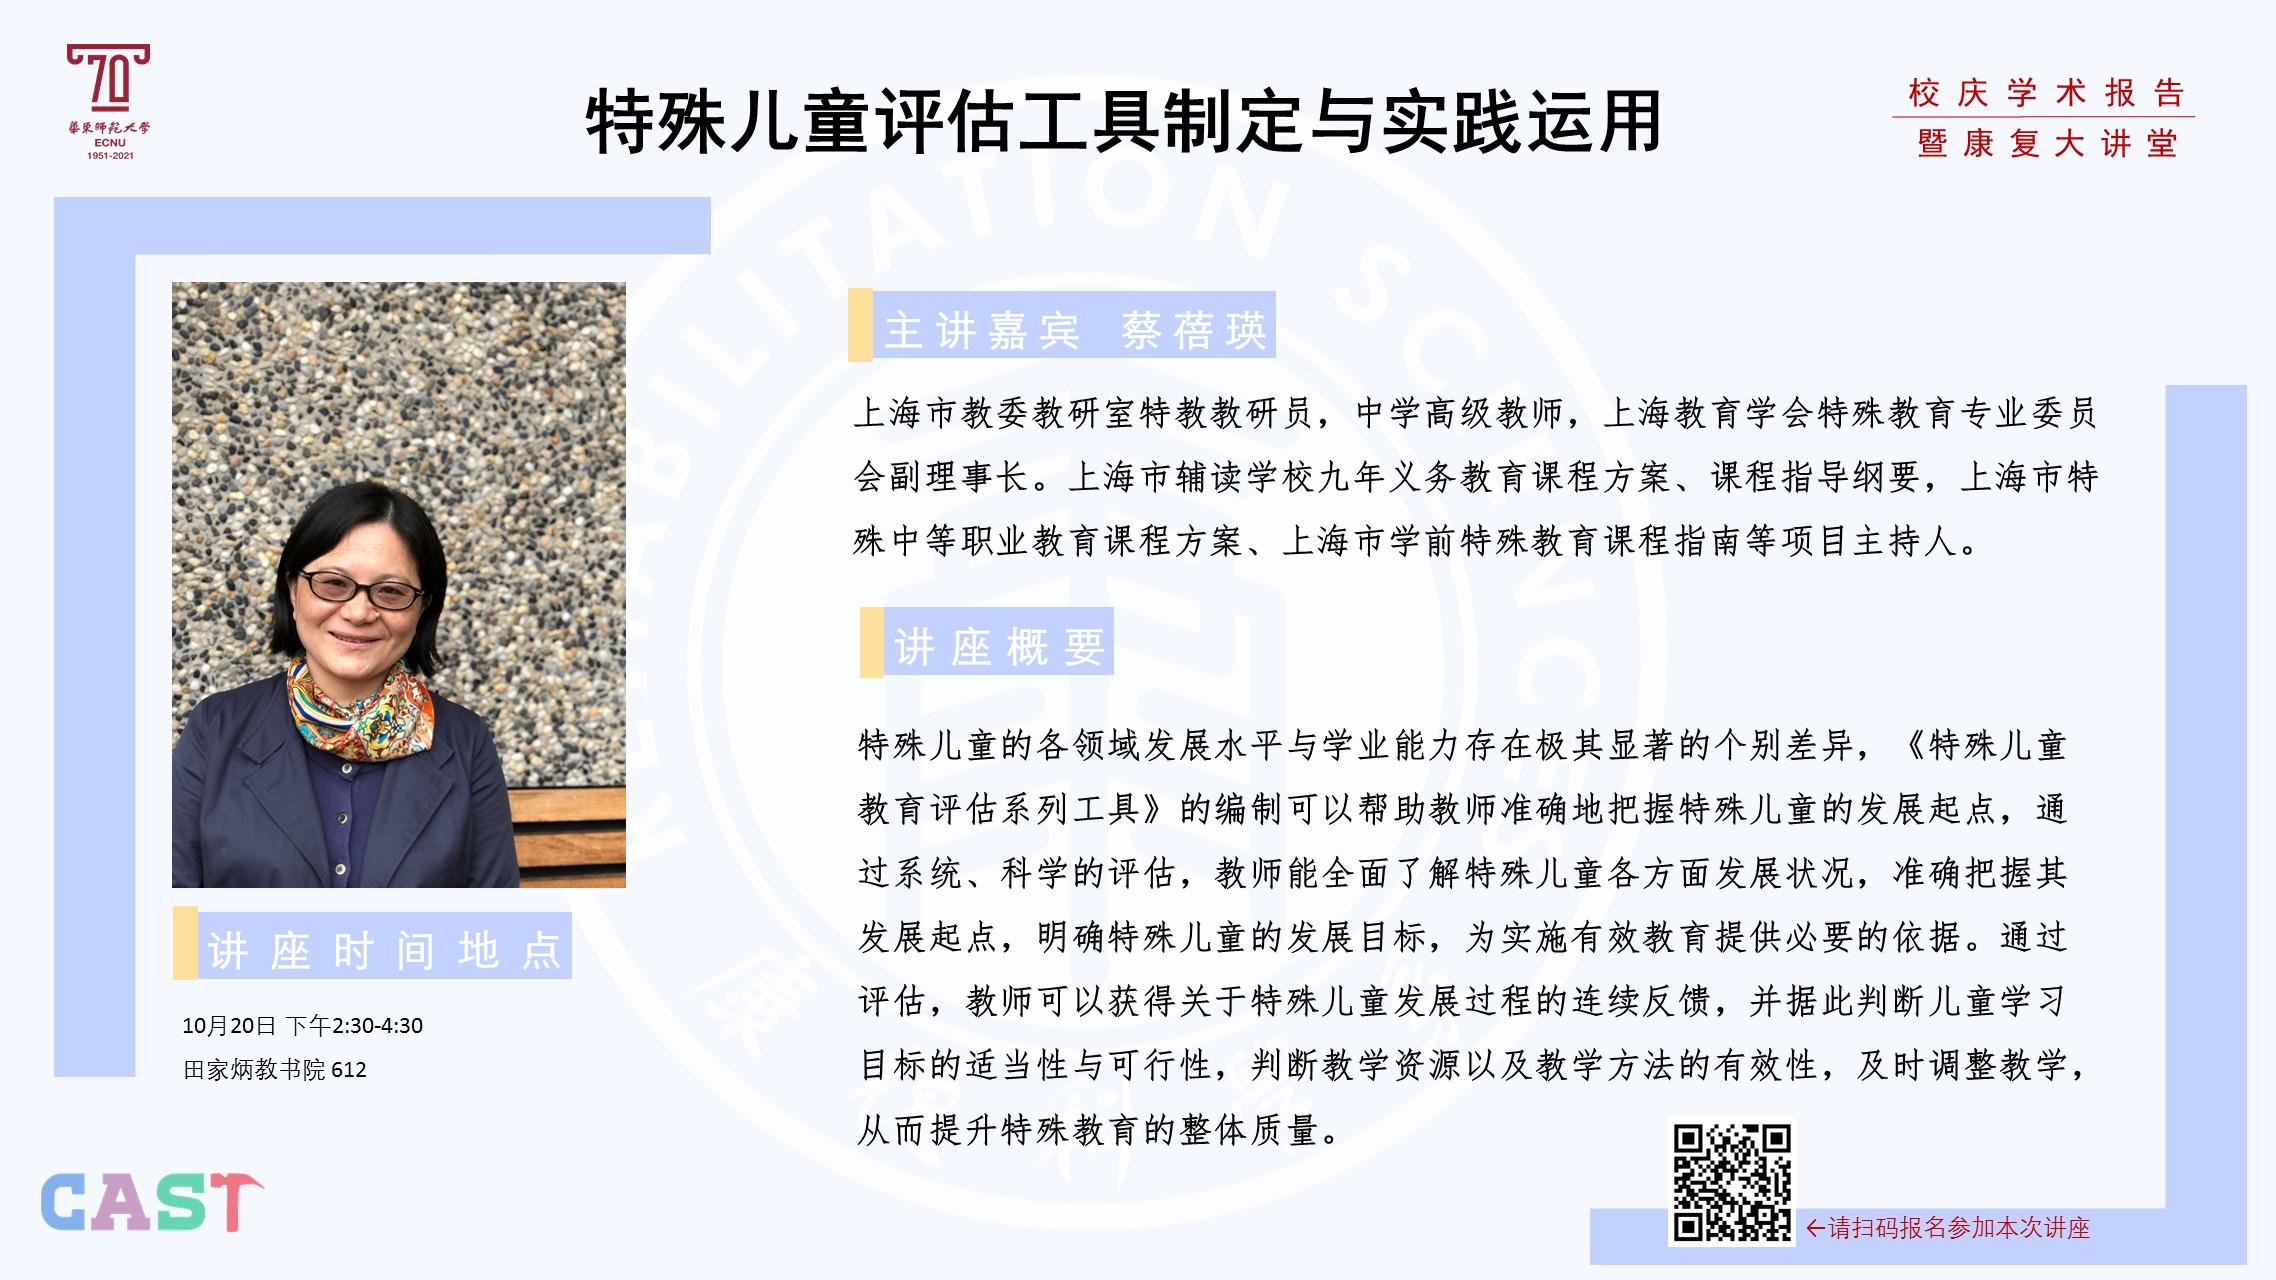 蔡蓓瑛:特殊儿童评估工具制定与实践运用